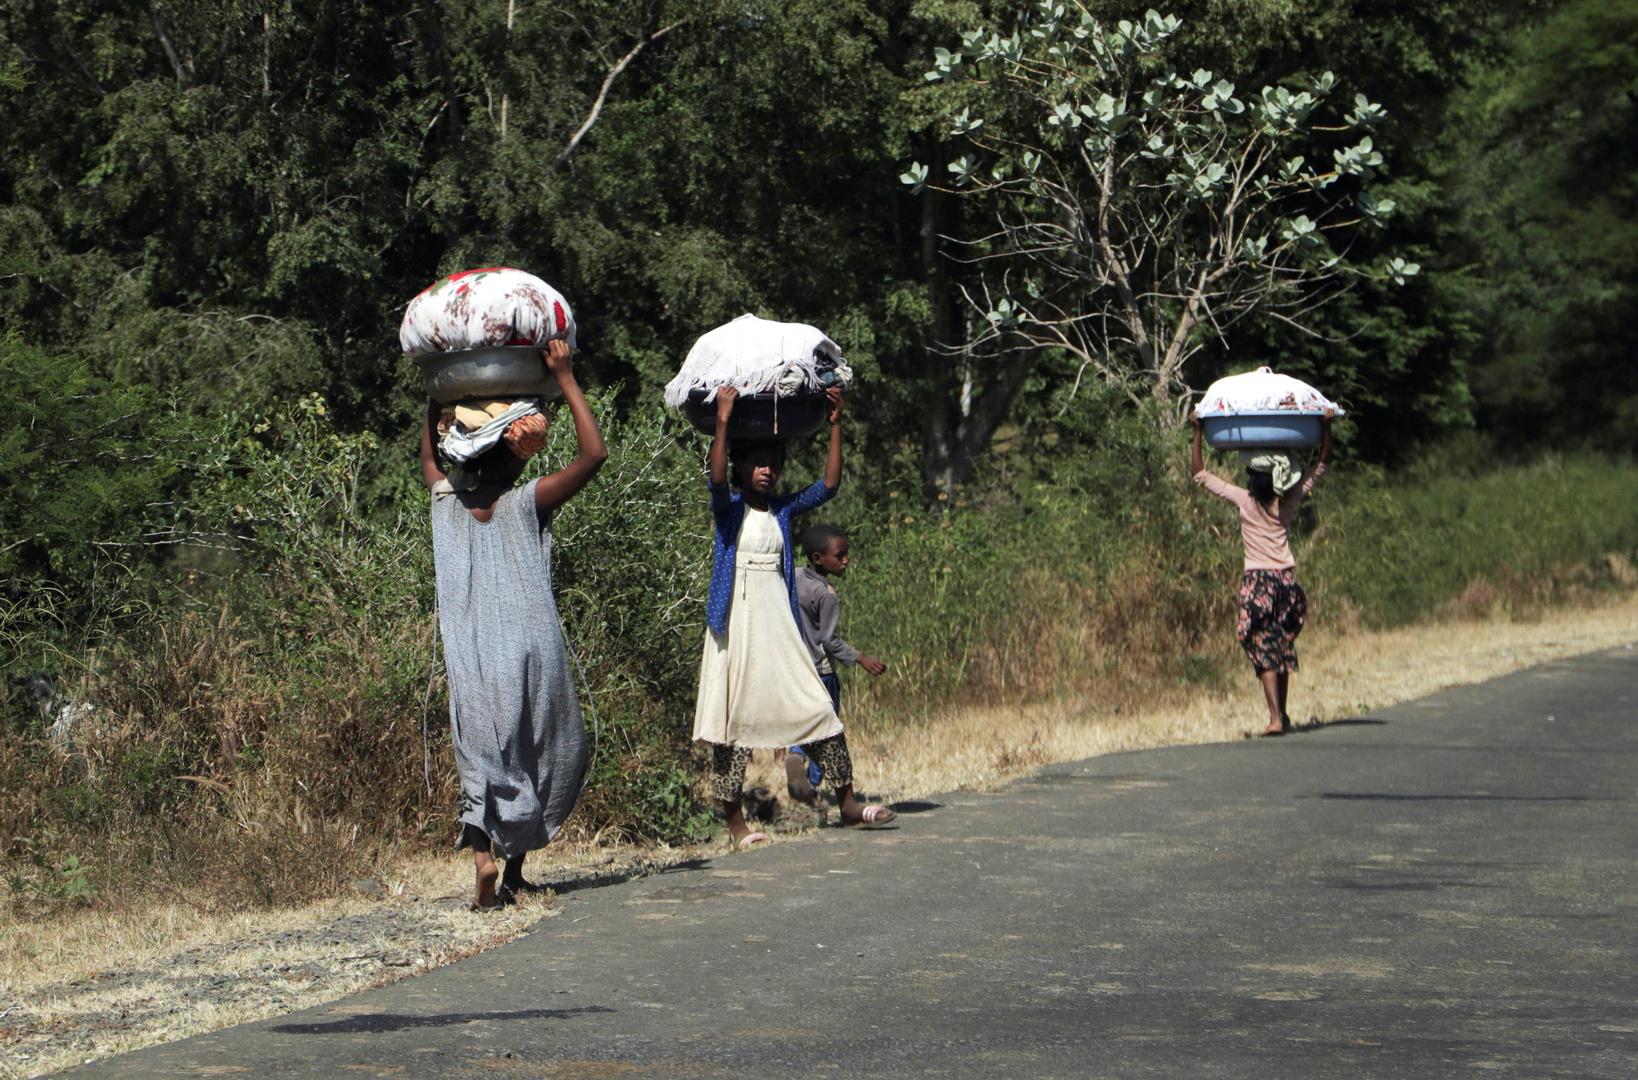 ارتفاع عدد اللاجئين الإثيوبيين بالسودان